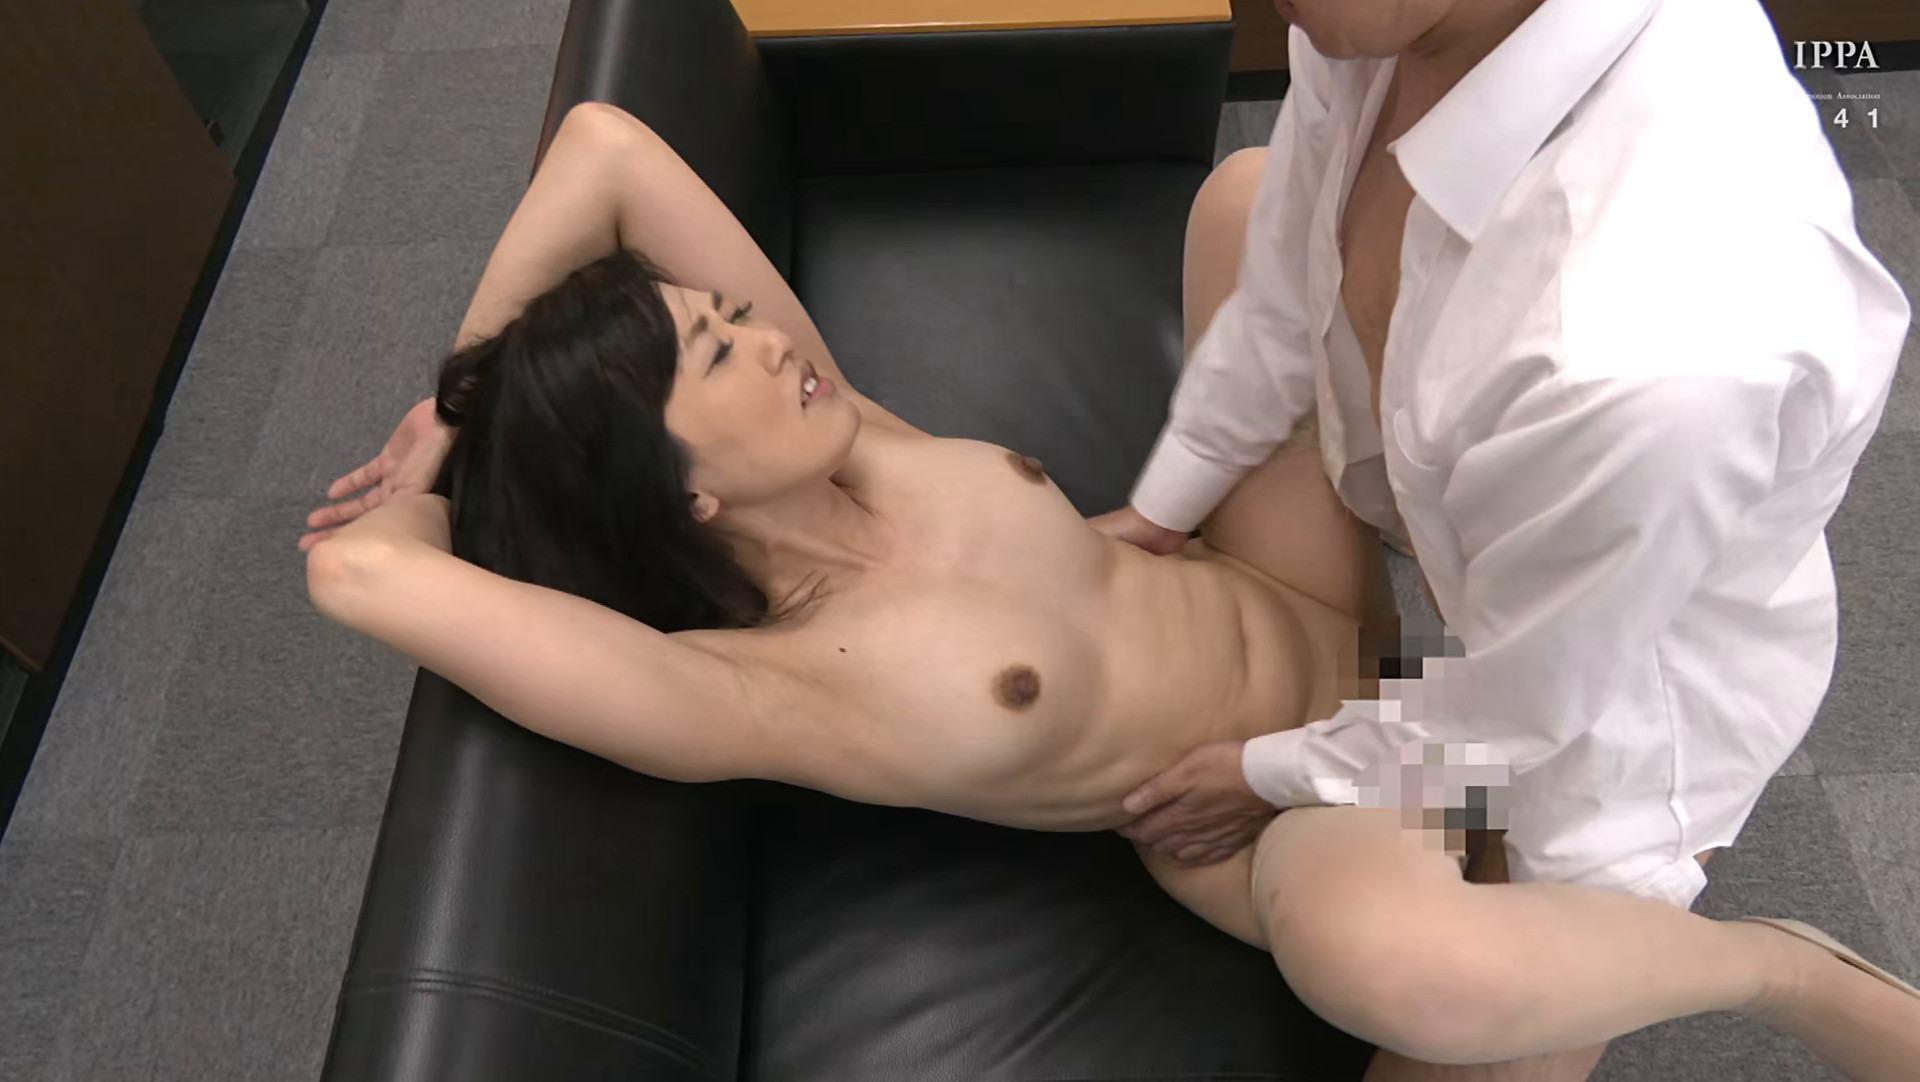 熟女AV女優の福富りょうさんが「初撮り五十路妻、ふたたび。」で正常位SEXしているエロ画像